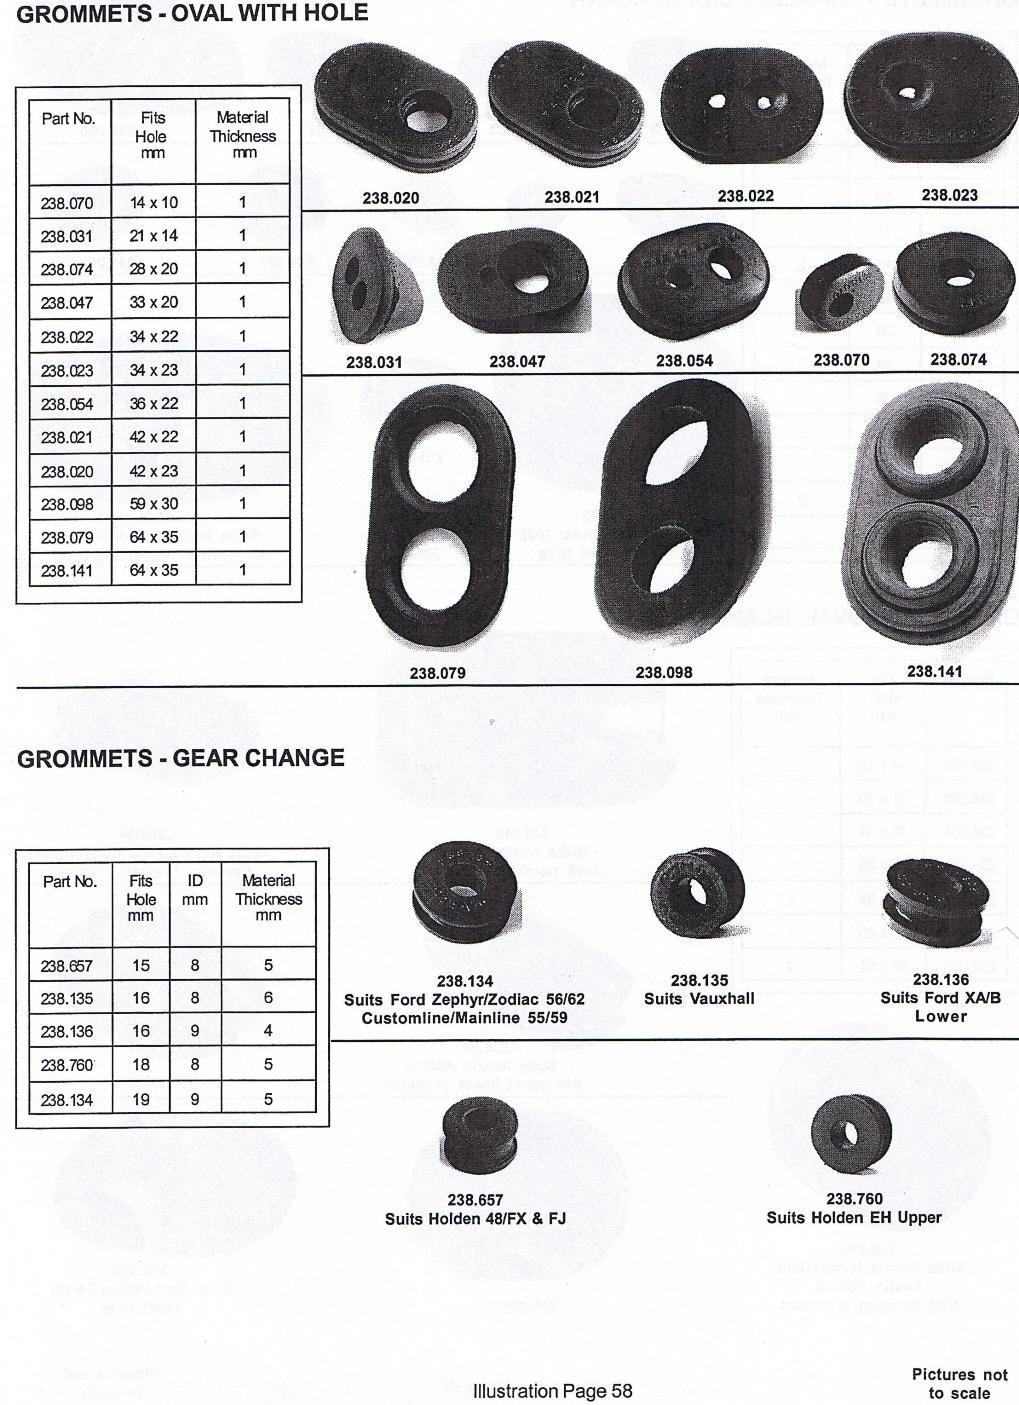 Oval Grommet Mountain Bike Kit Equipment Amp Technical Advice